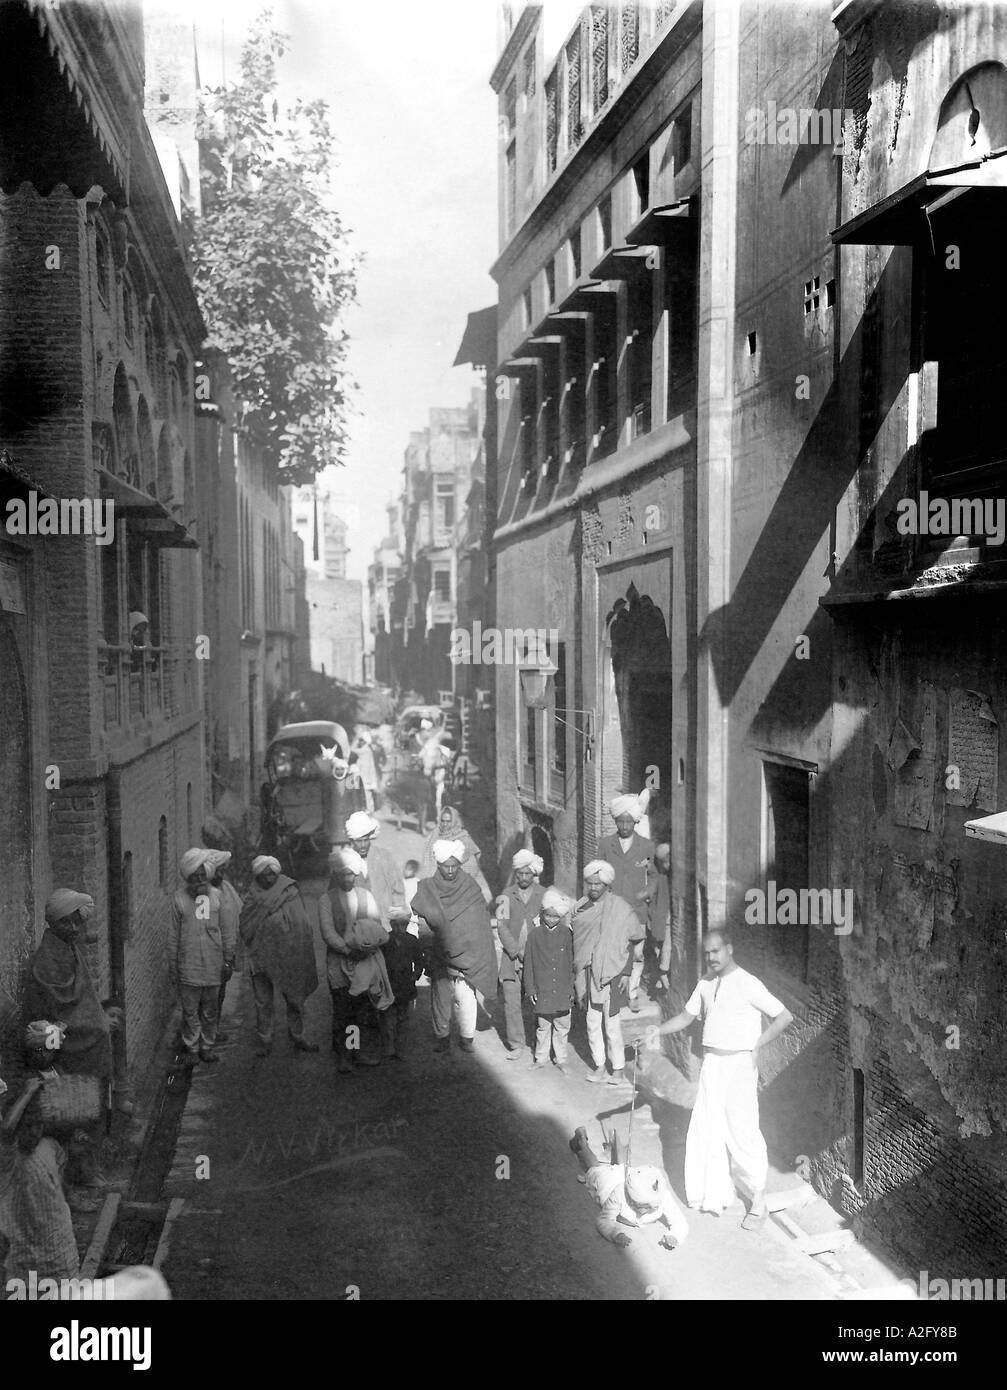 Durante la legge marziale regime nel Punjab India poco prima della Jallianwallah Bagh massacro 1919 Immagini Stock